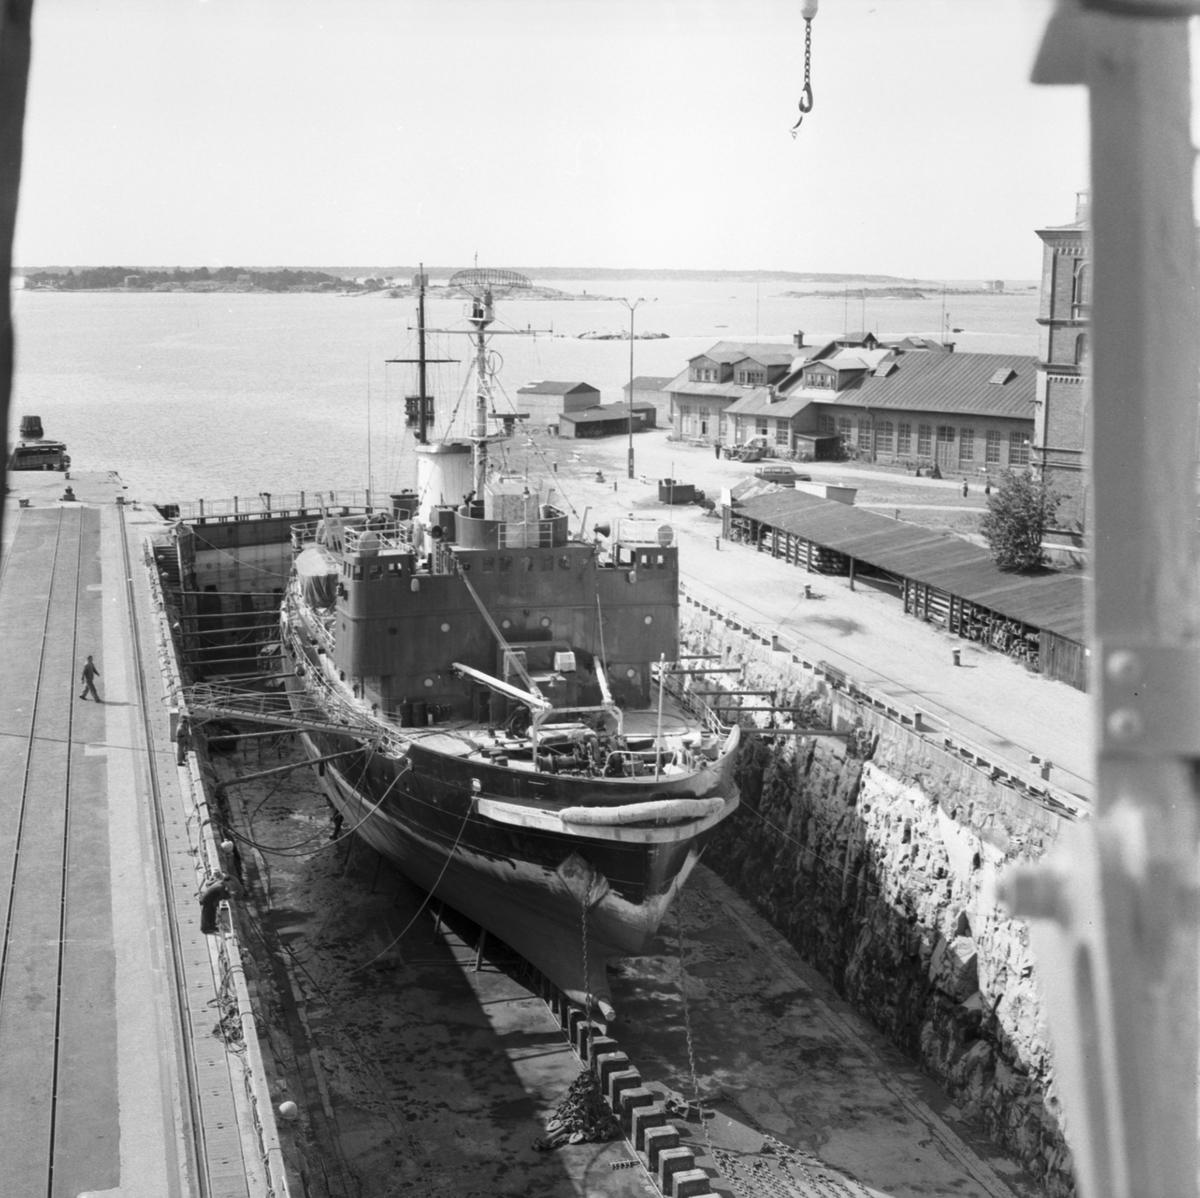 Fartyg: THULE                           Rederi: Svenska staten Byggår: 1953 Varv: Örlogsvarvet, Karlskrona Övrigt: thule i docka.